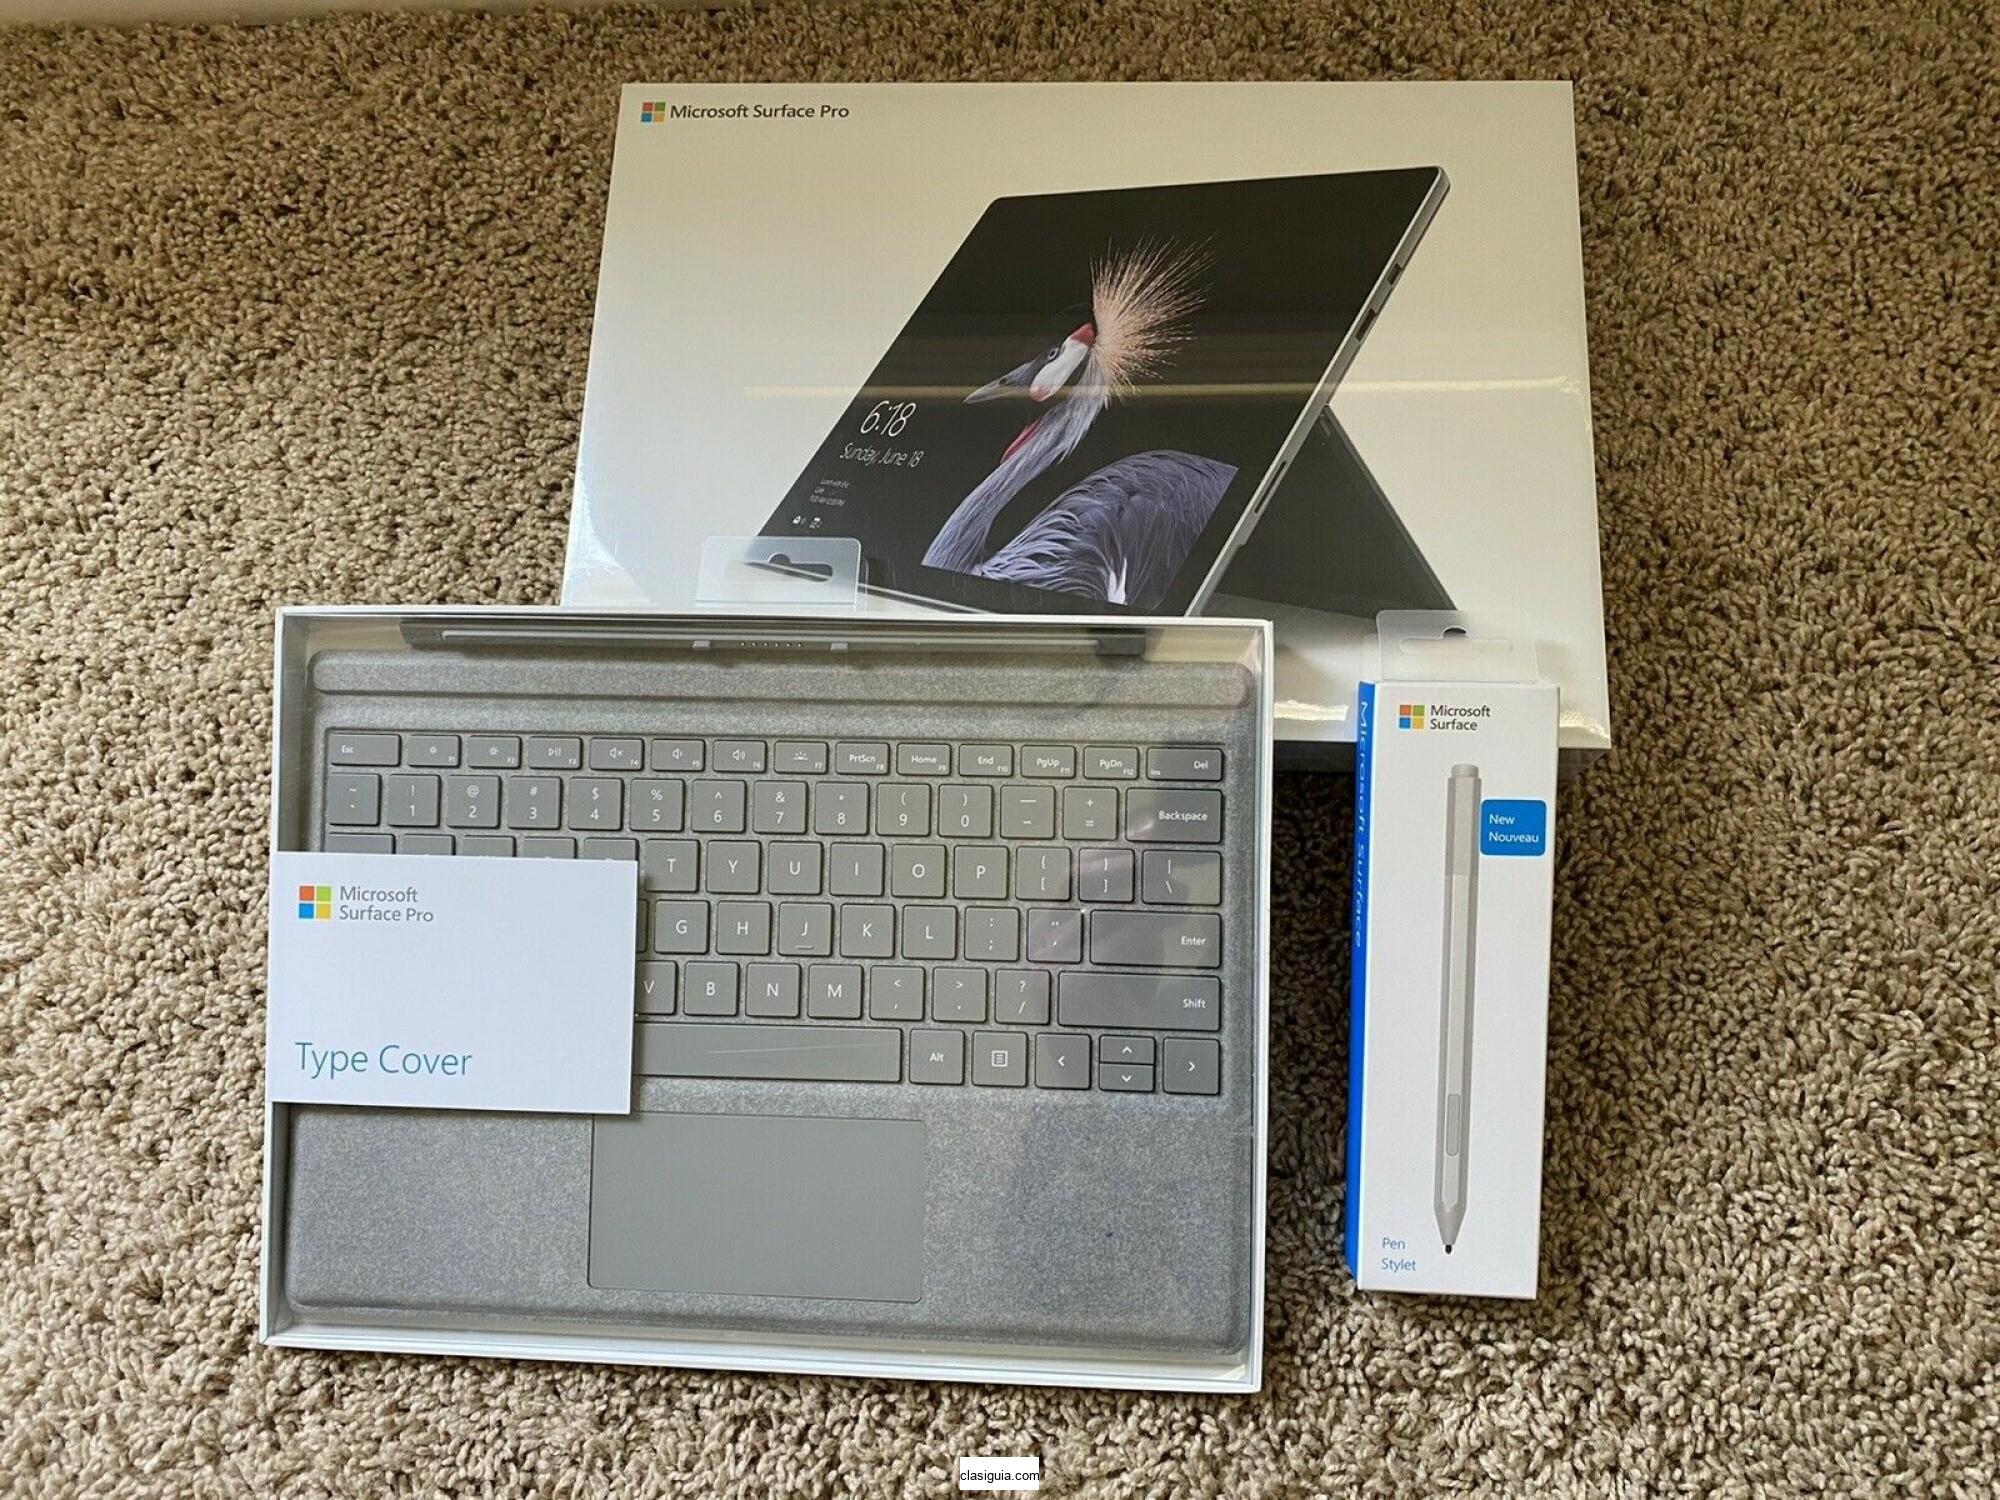 Microsoft Surface Pro Core i7 8GB 256G